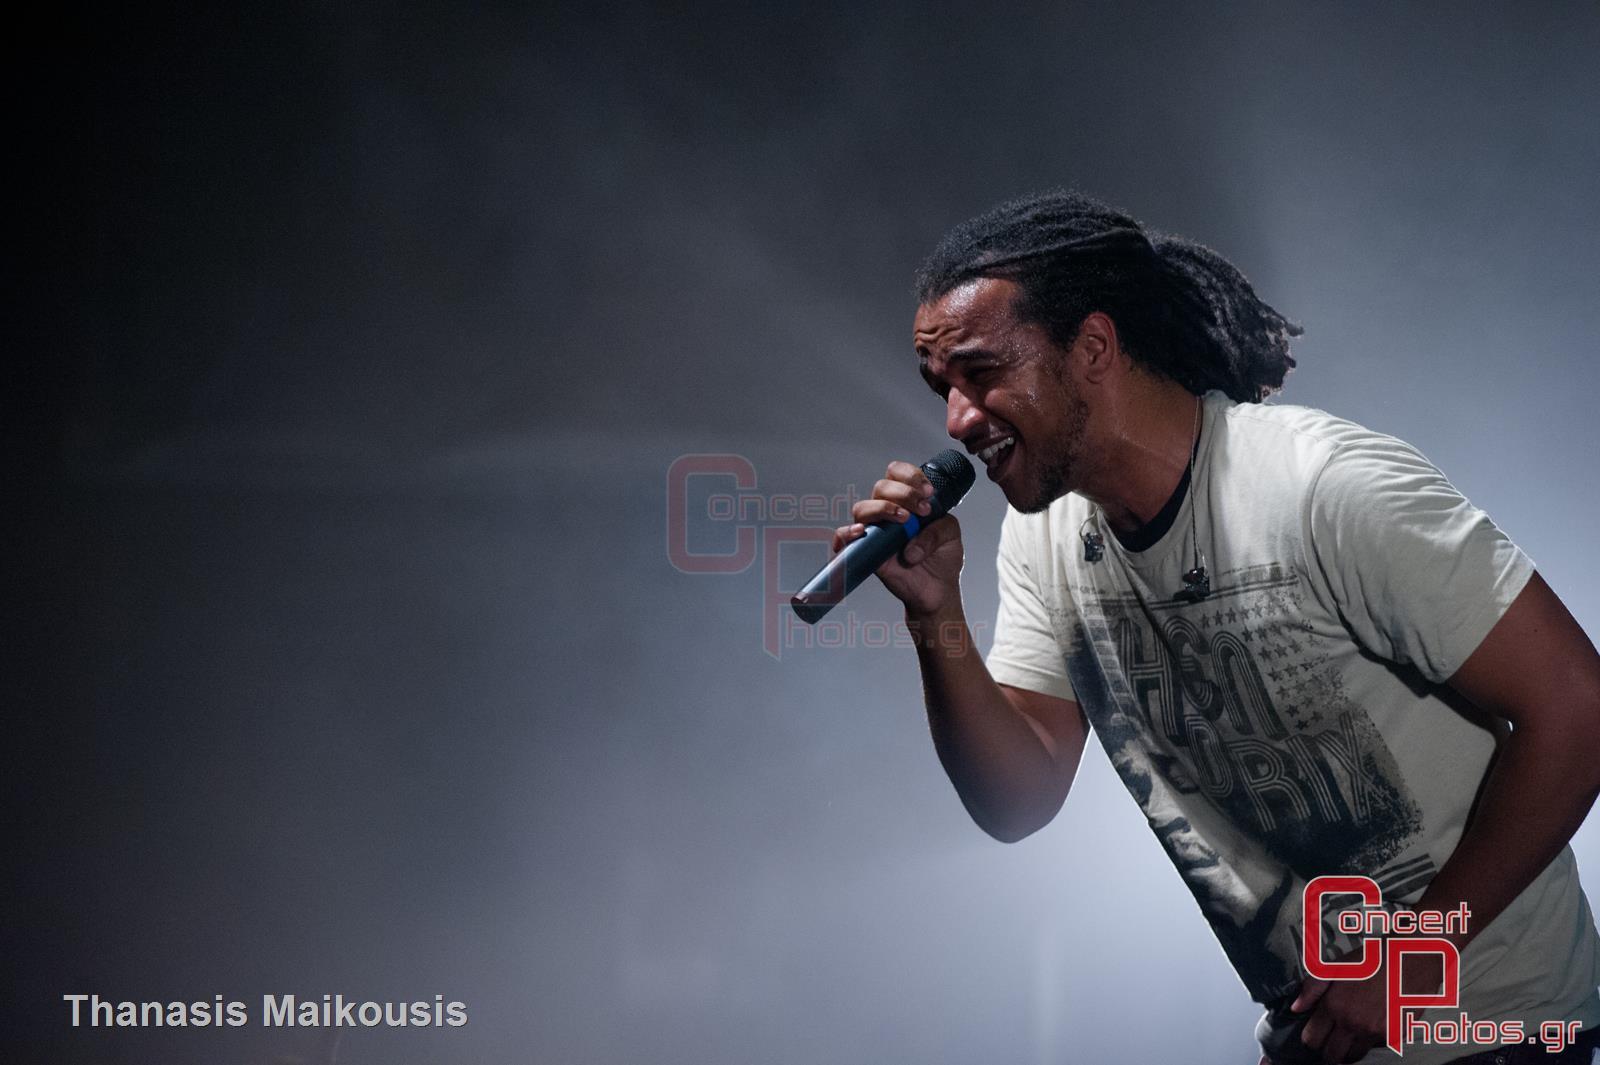 Dub Inc-Dub Inc photographer: Thanasis Maikousis - concertphotos_-5516